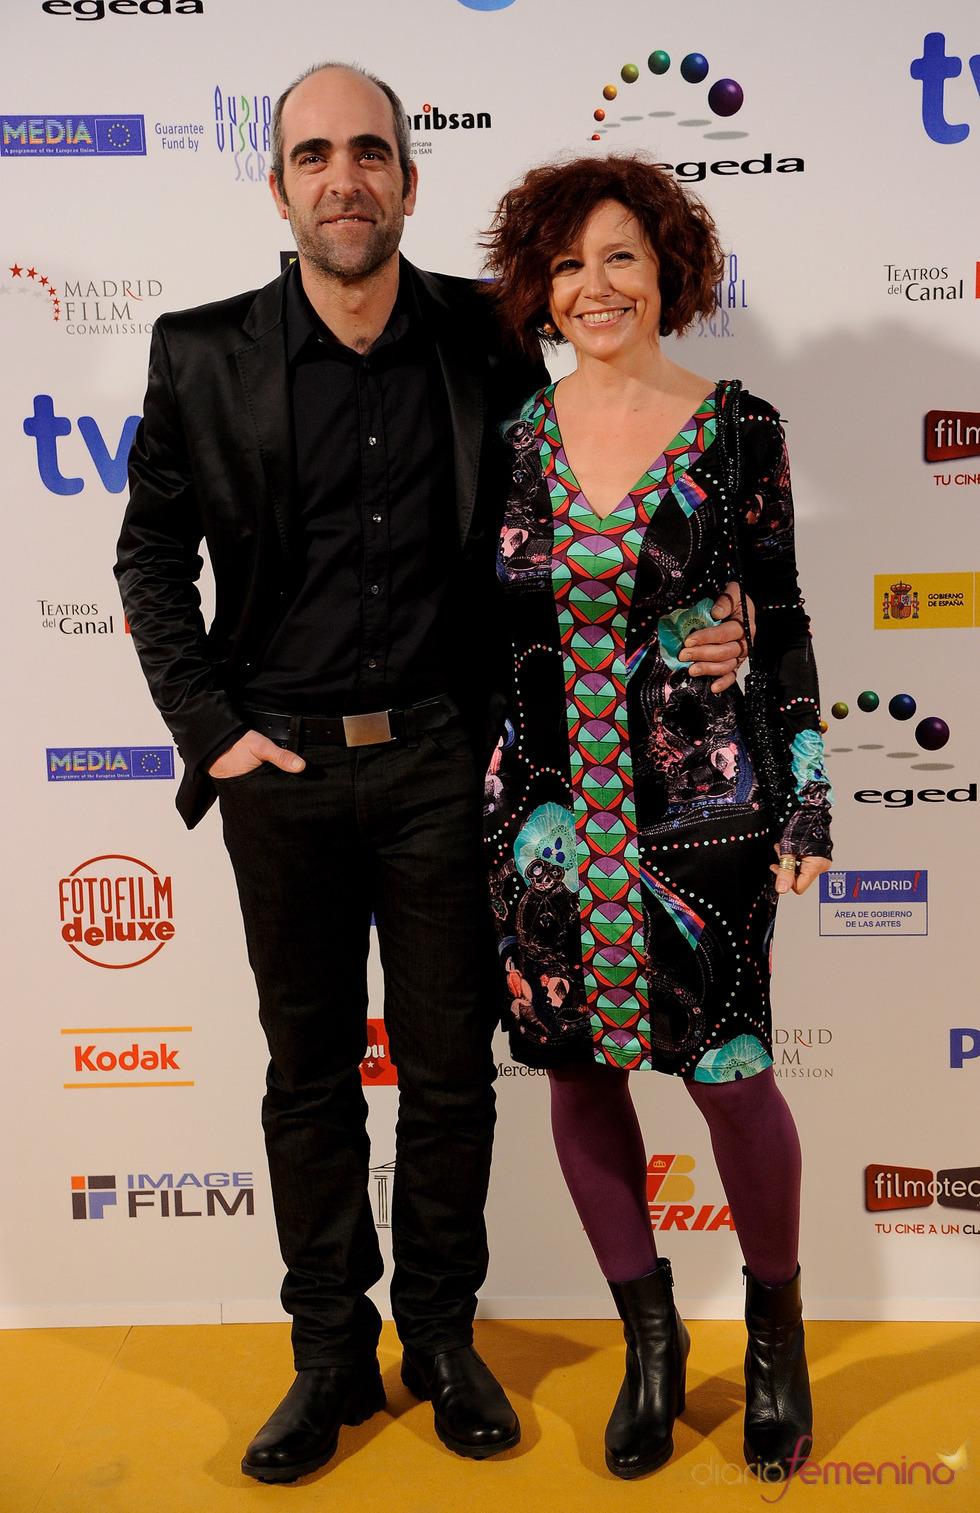 Luis Tosar e Icíar Bollaín en los Premios Jose María Forqué 2011